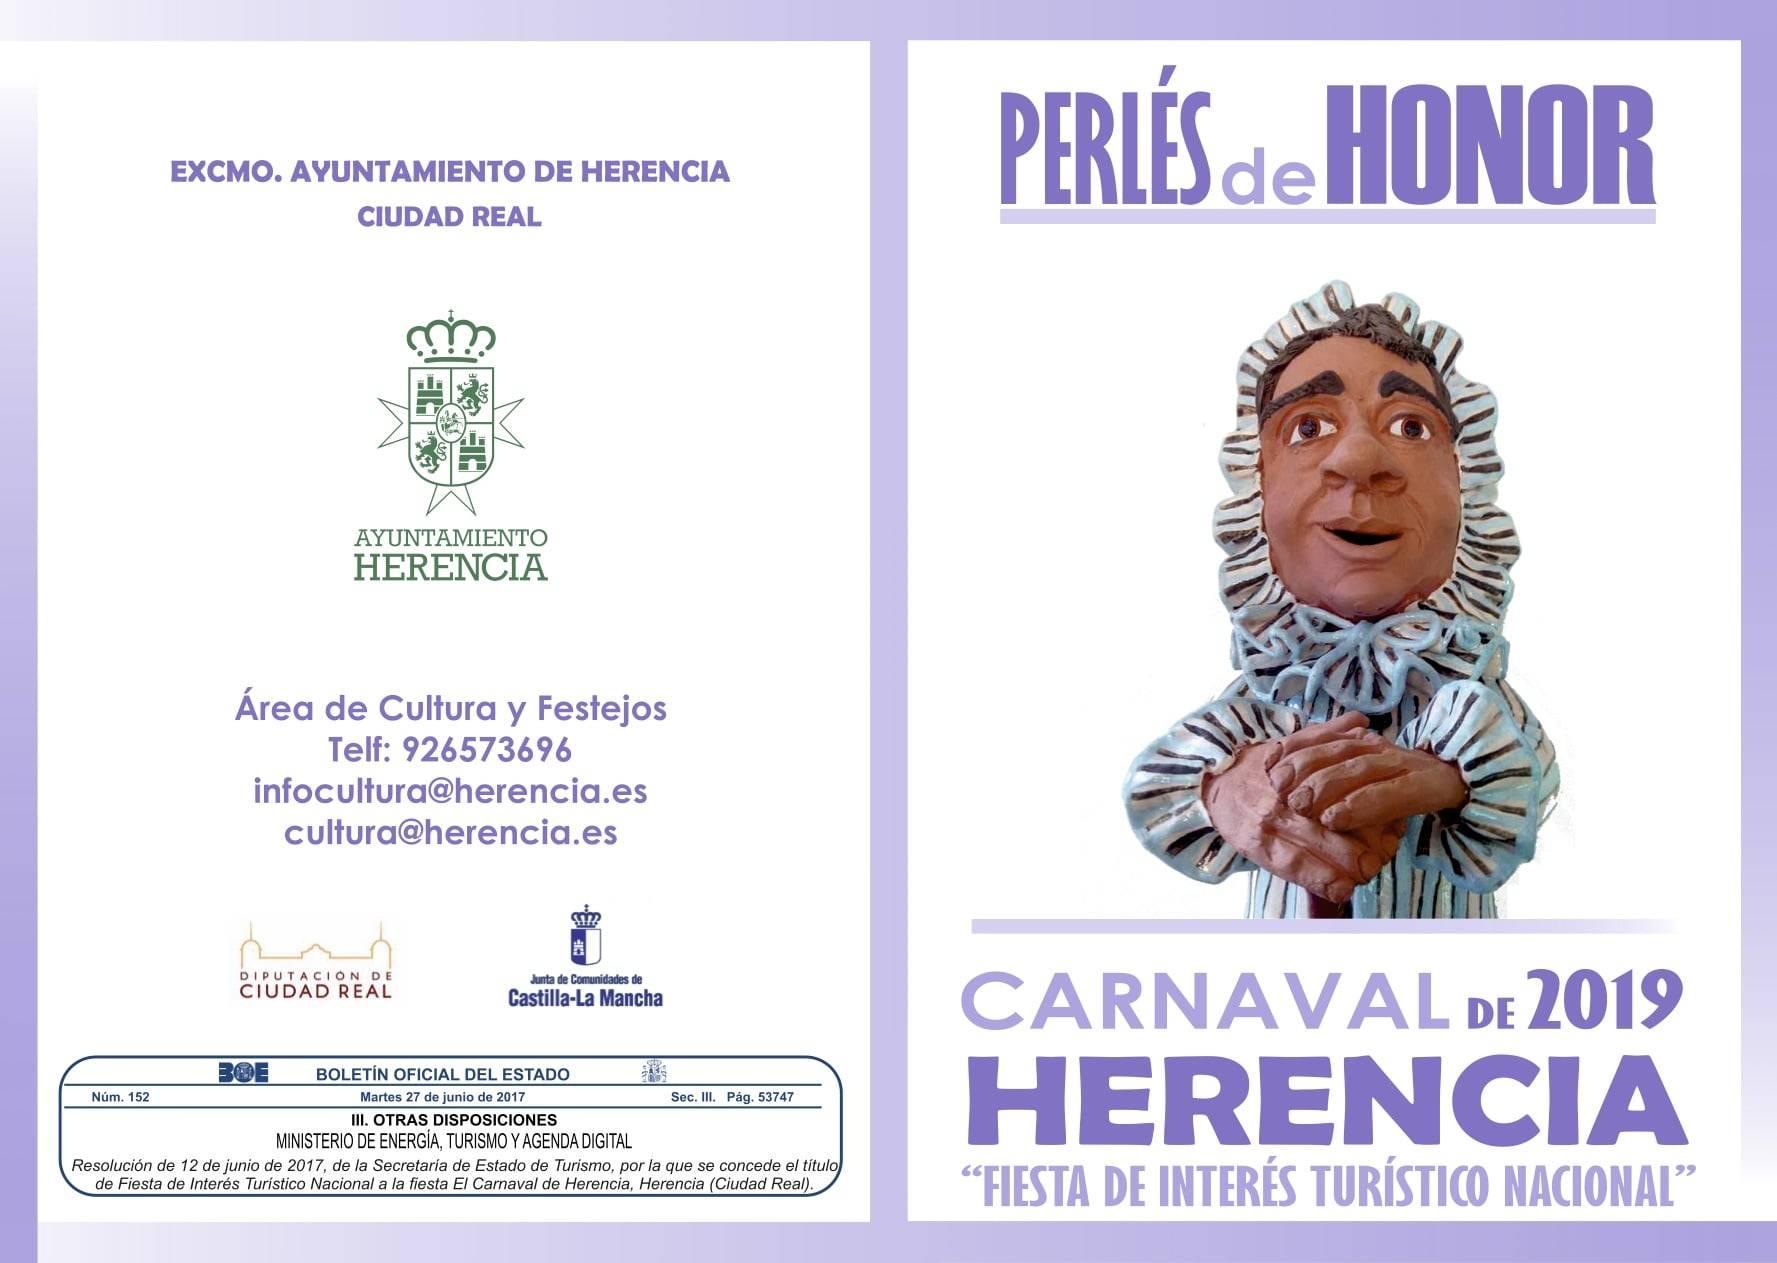 folleto PERLE DE HONOR 2019 - Abierto el plazo de presentación de candidaturas para los Perlés de Honor del Carnaval de Herencia 2019